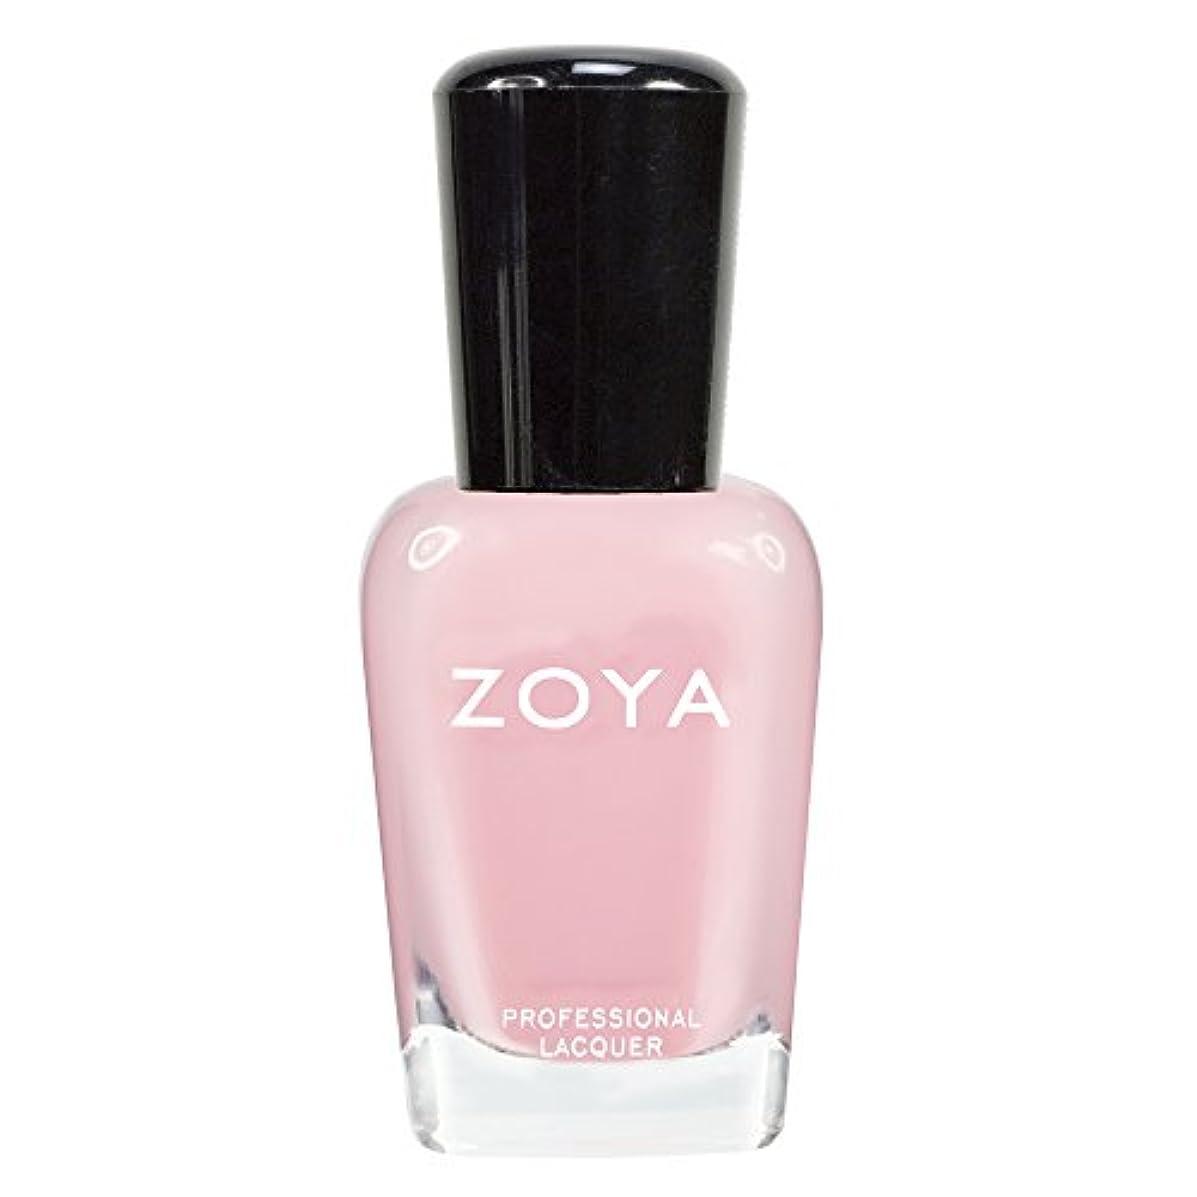 発症発音する固体ZOYA ゾーヤ ネイルカラーZP433 LAURIE ローリー 15ml 可愛く色づく桜の花ようなピンク シアー/クリーム 爪にやさしいネイルラッカーマニキュア